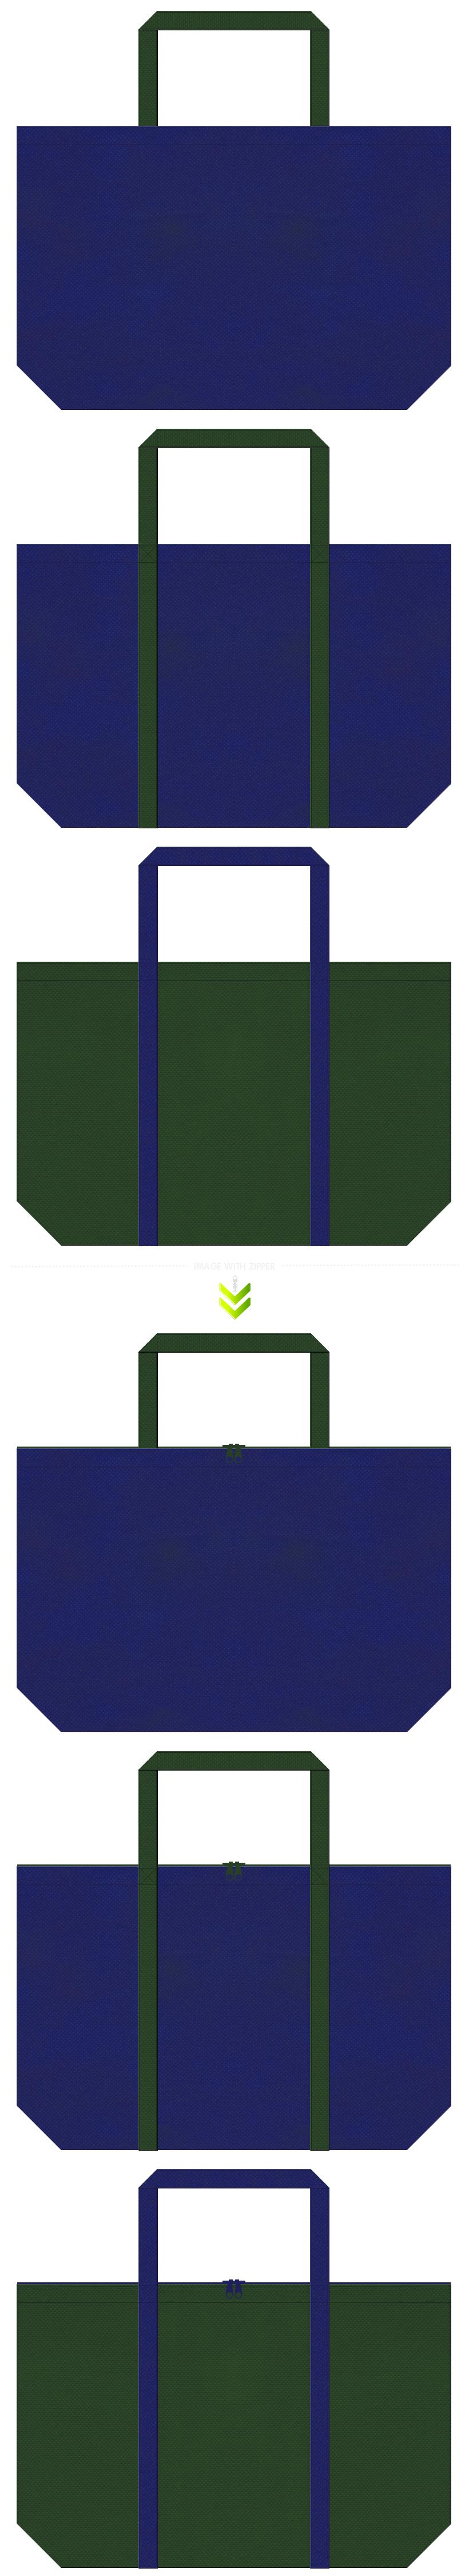 ファスナー付き不織布バッグのデザイン:明るい紺色と濃緑色のコーデ